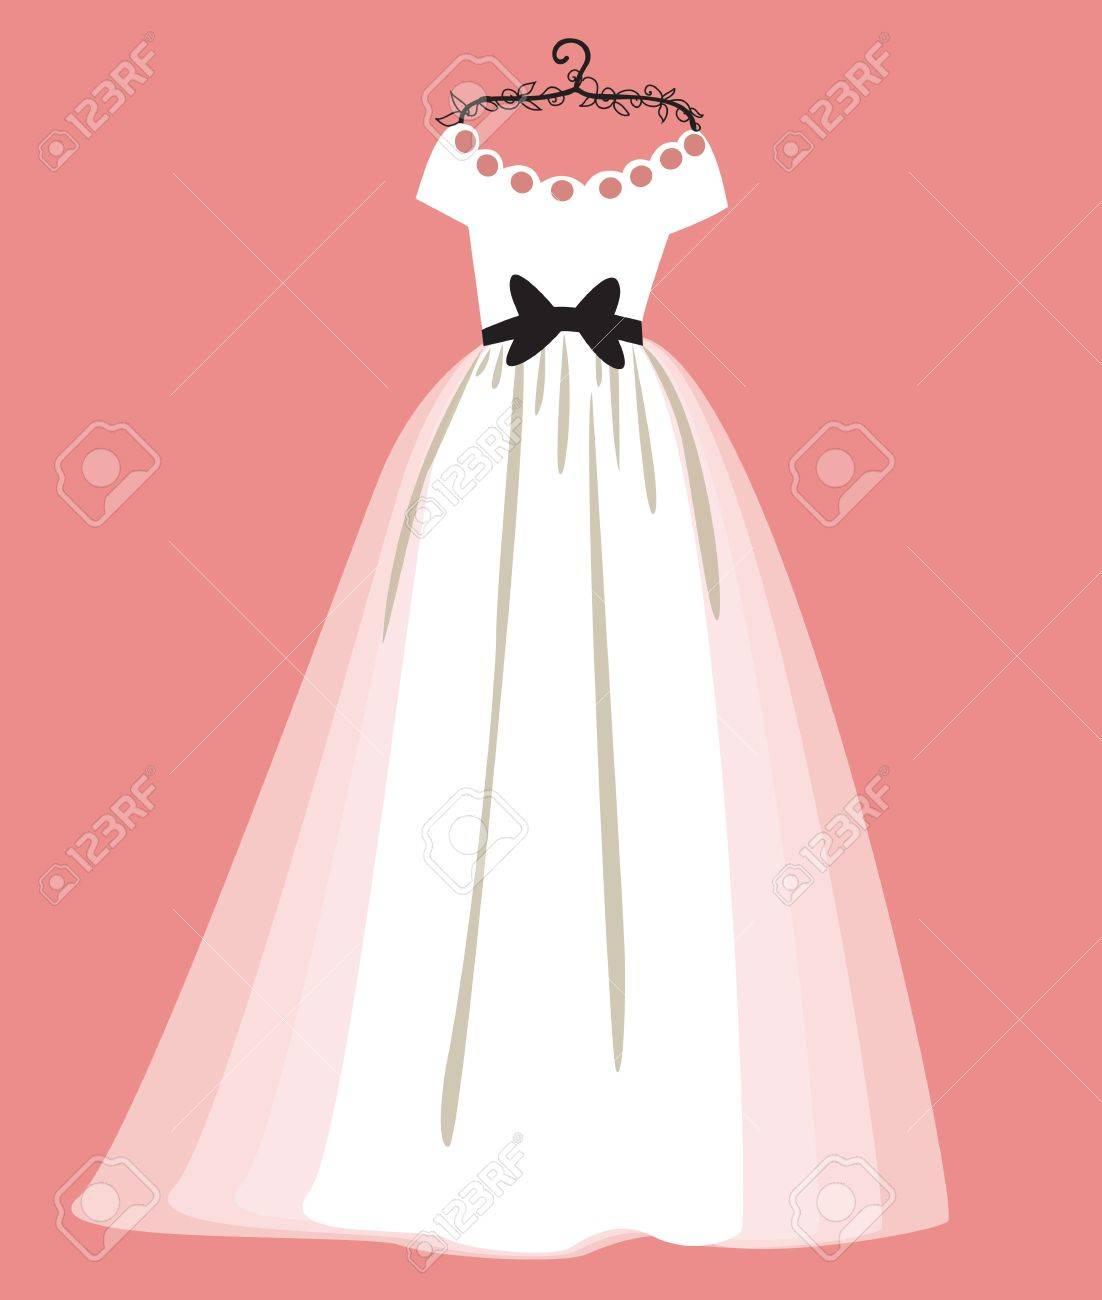 Increíble Bocetos Del Vestido De Boda Colección de Imágenes ...